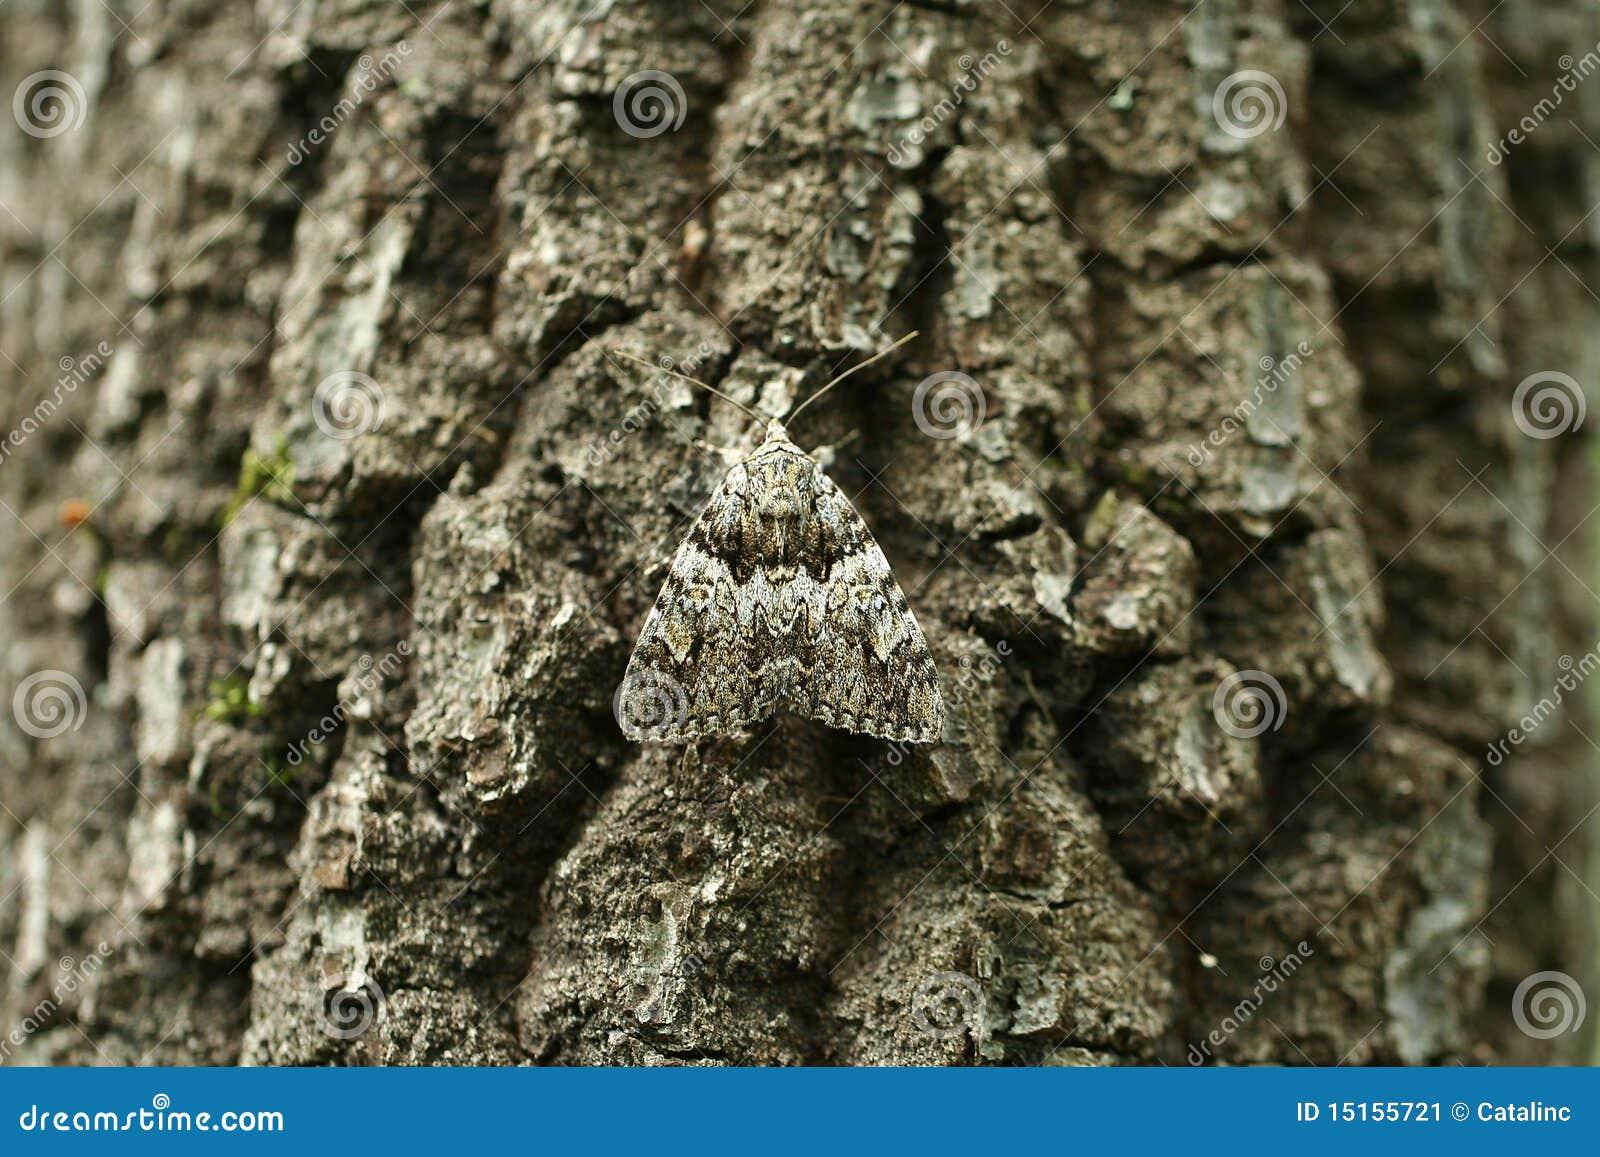 Camouflage Stock Image - Image: 15155721